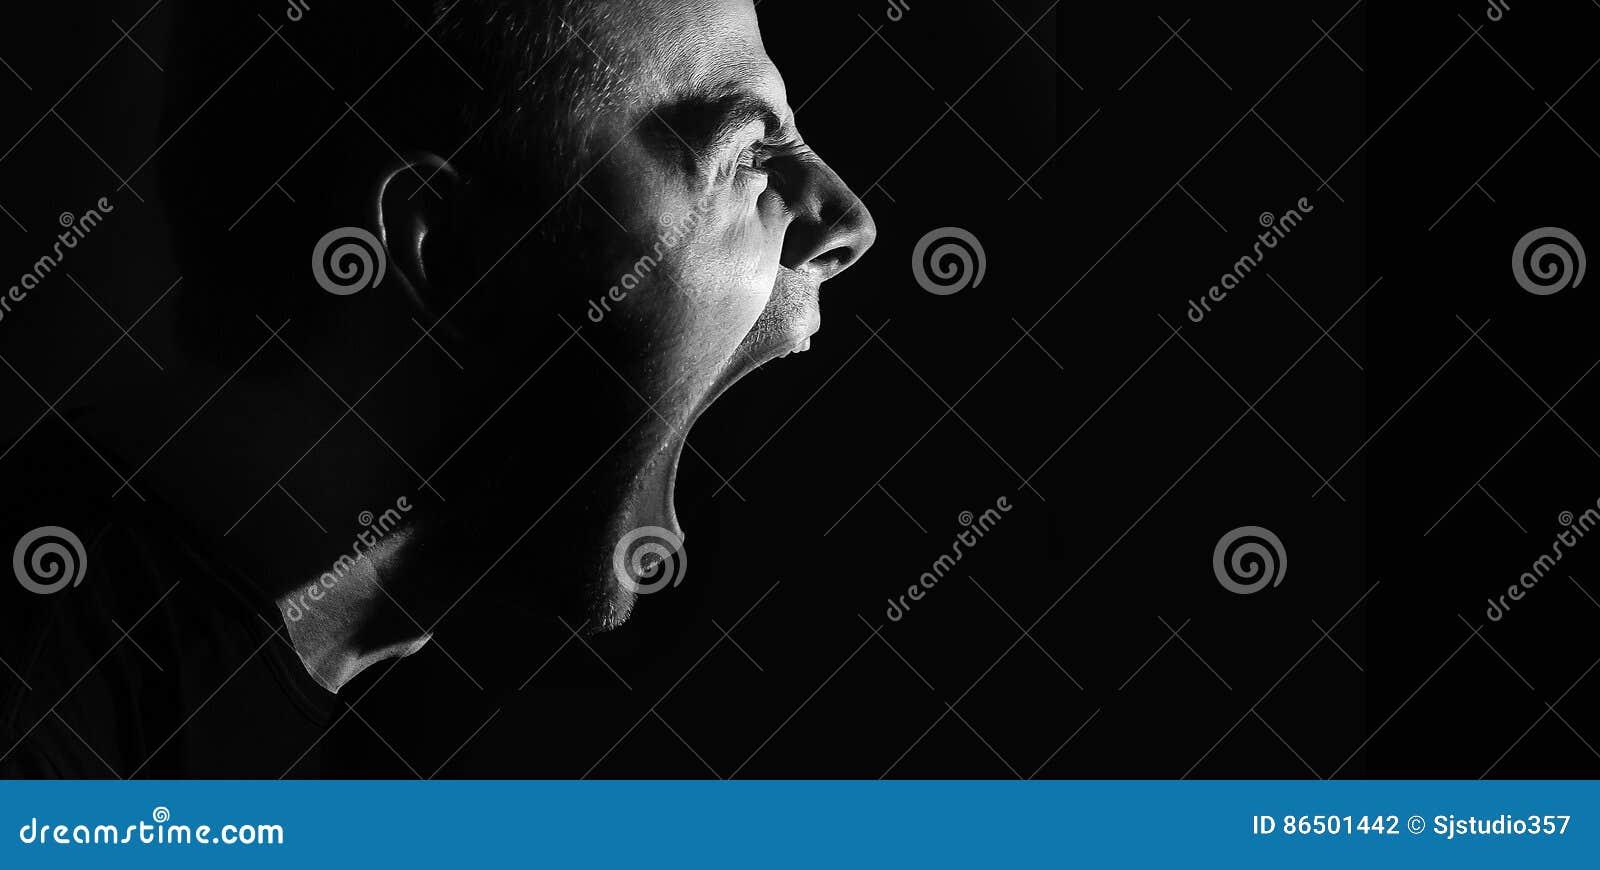 Individuo militante agresivo enojado de griterío, hombre, retrato blanco y negro, mal